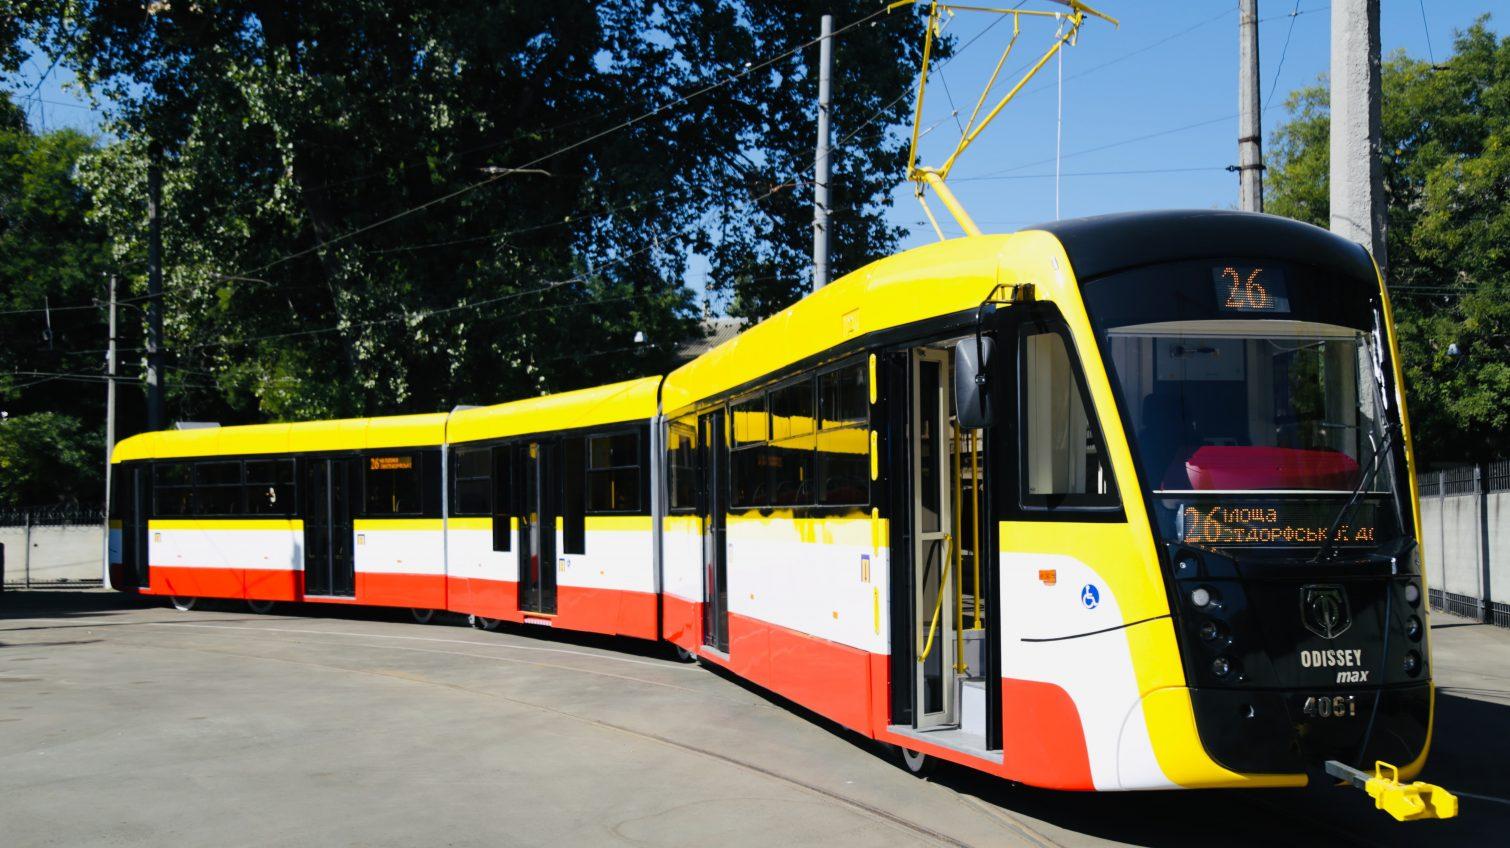 Как «Odissey max»: в Одессу закупят новые трамваи за средства Европейского банка «фото»